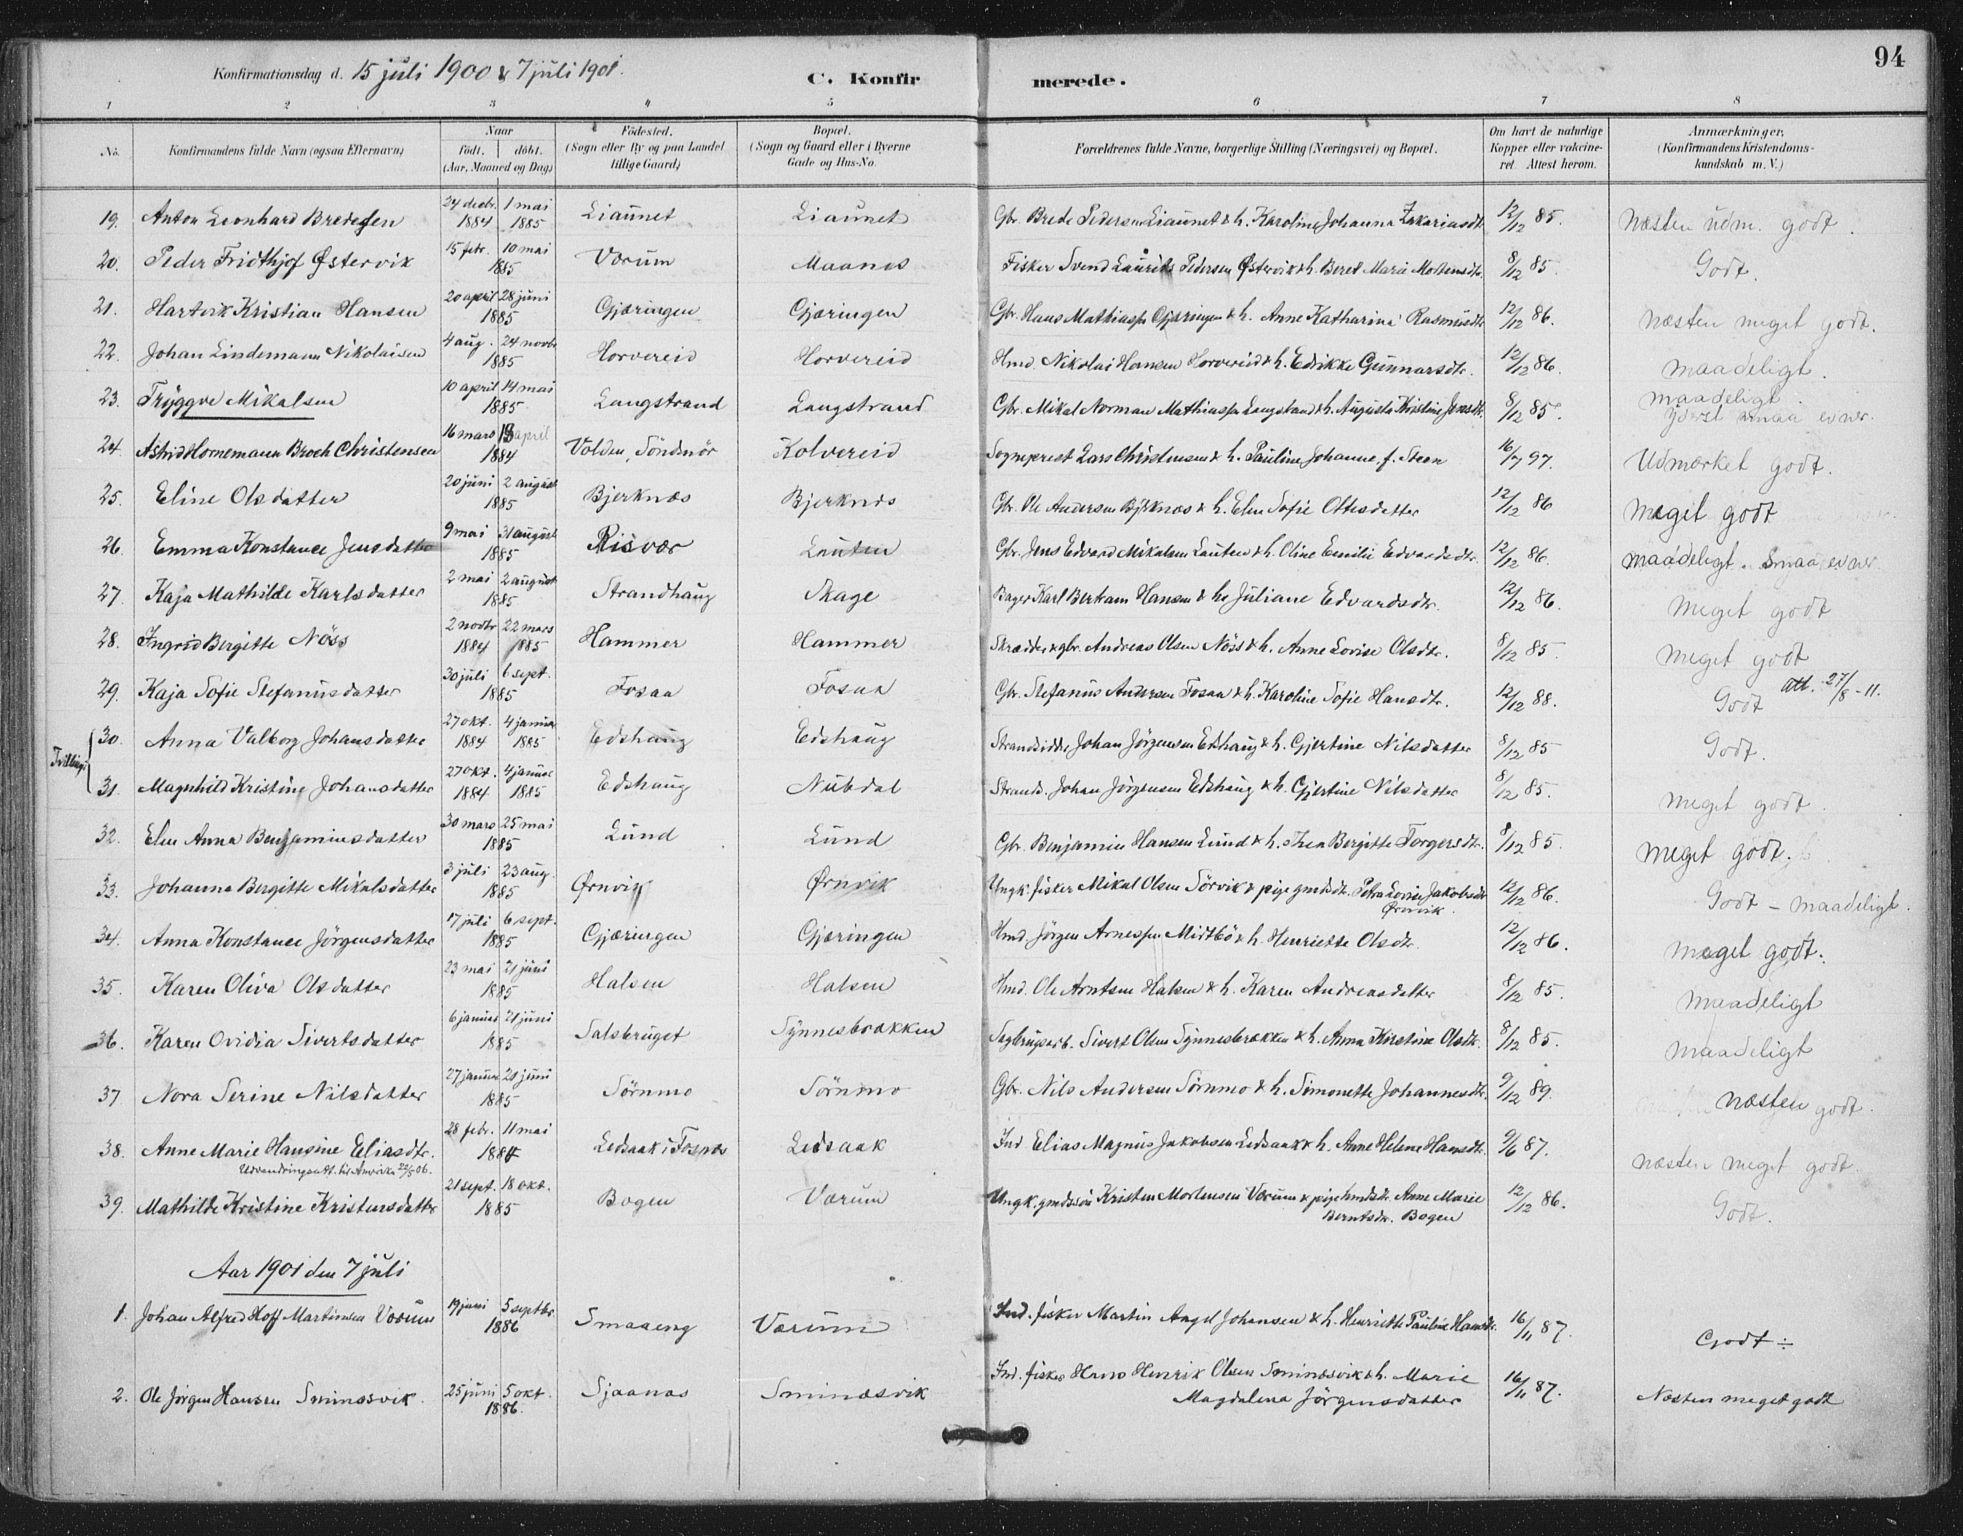 SAT, Ministerialprotokoller, klokkerbøker og fødselsregistre - Nord-Trøndelag, 780/L0644: Ministerialbok nr. 780A08, 1886-1903, s. 94